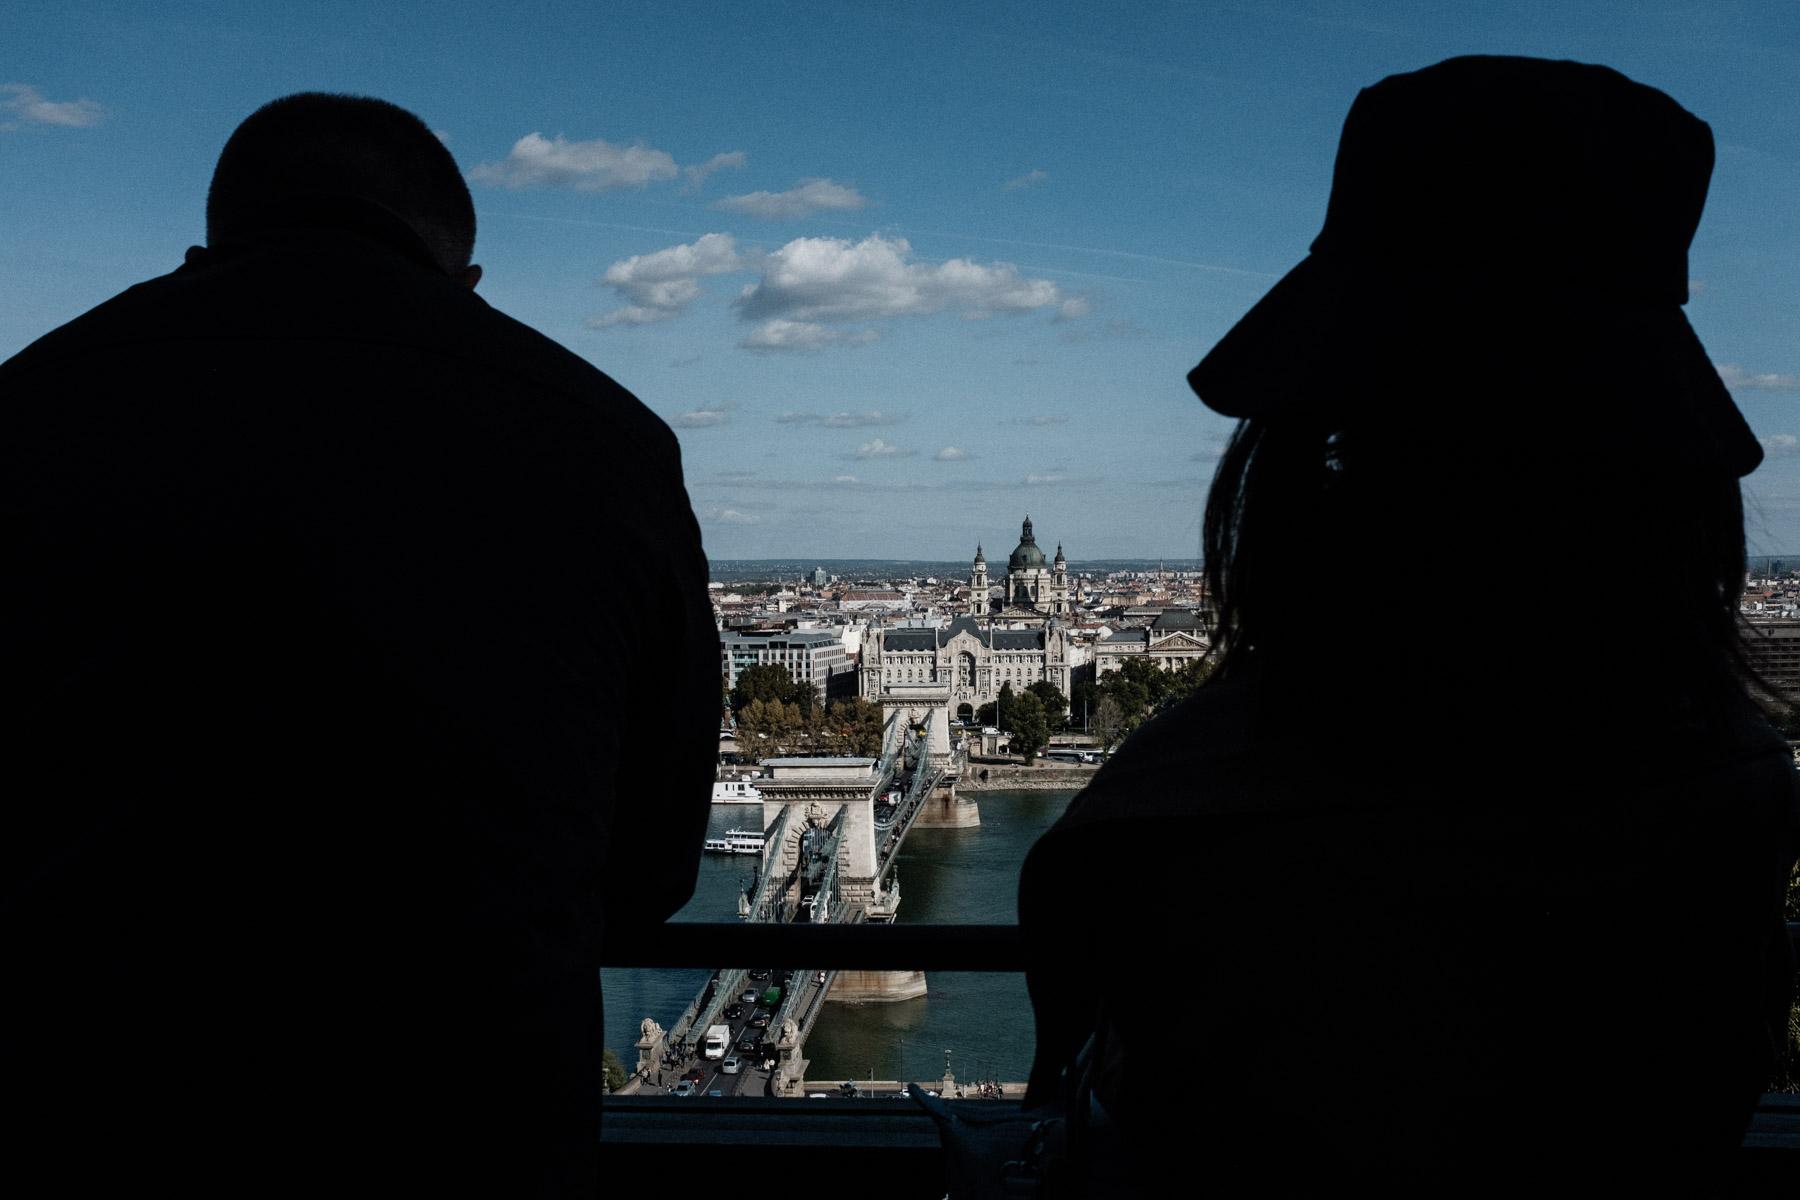 MartinLiebl_Kein_Hochzeitsfotograf_No_Wedding_Photographer_Budapest_Gresham_Palace_001.jpg